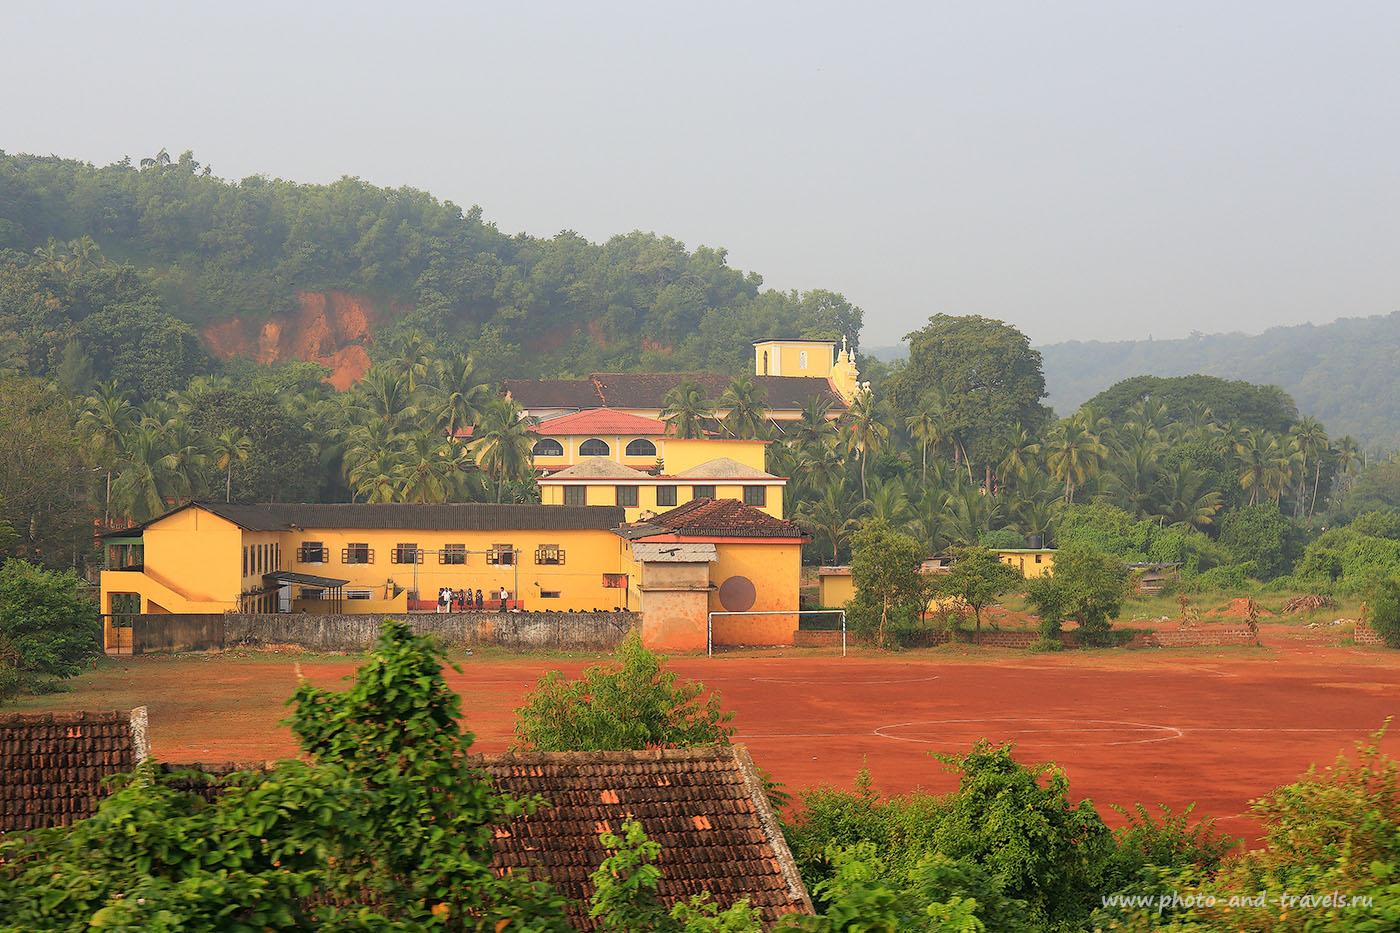 Фото 12. Католическая школа. Отчеты туристов об отдыхе на Гоа. (24-70, 1/400, 0eV, f9, 70mm, ISO 100)